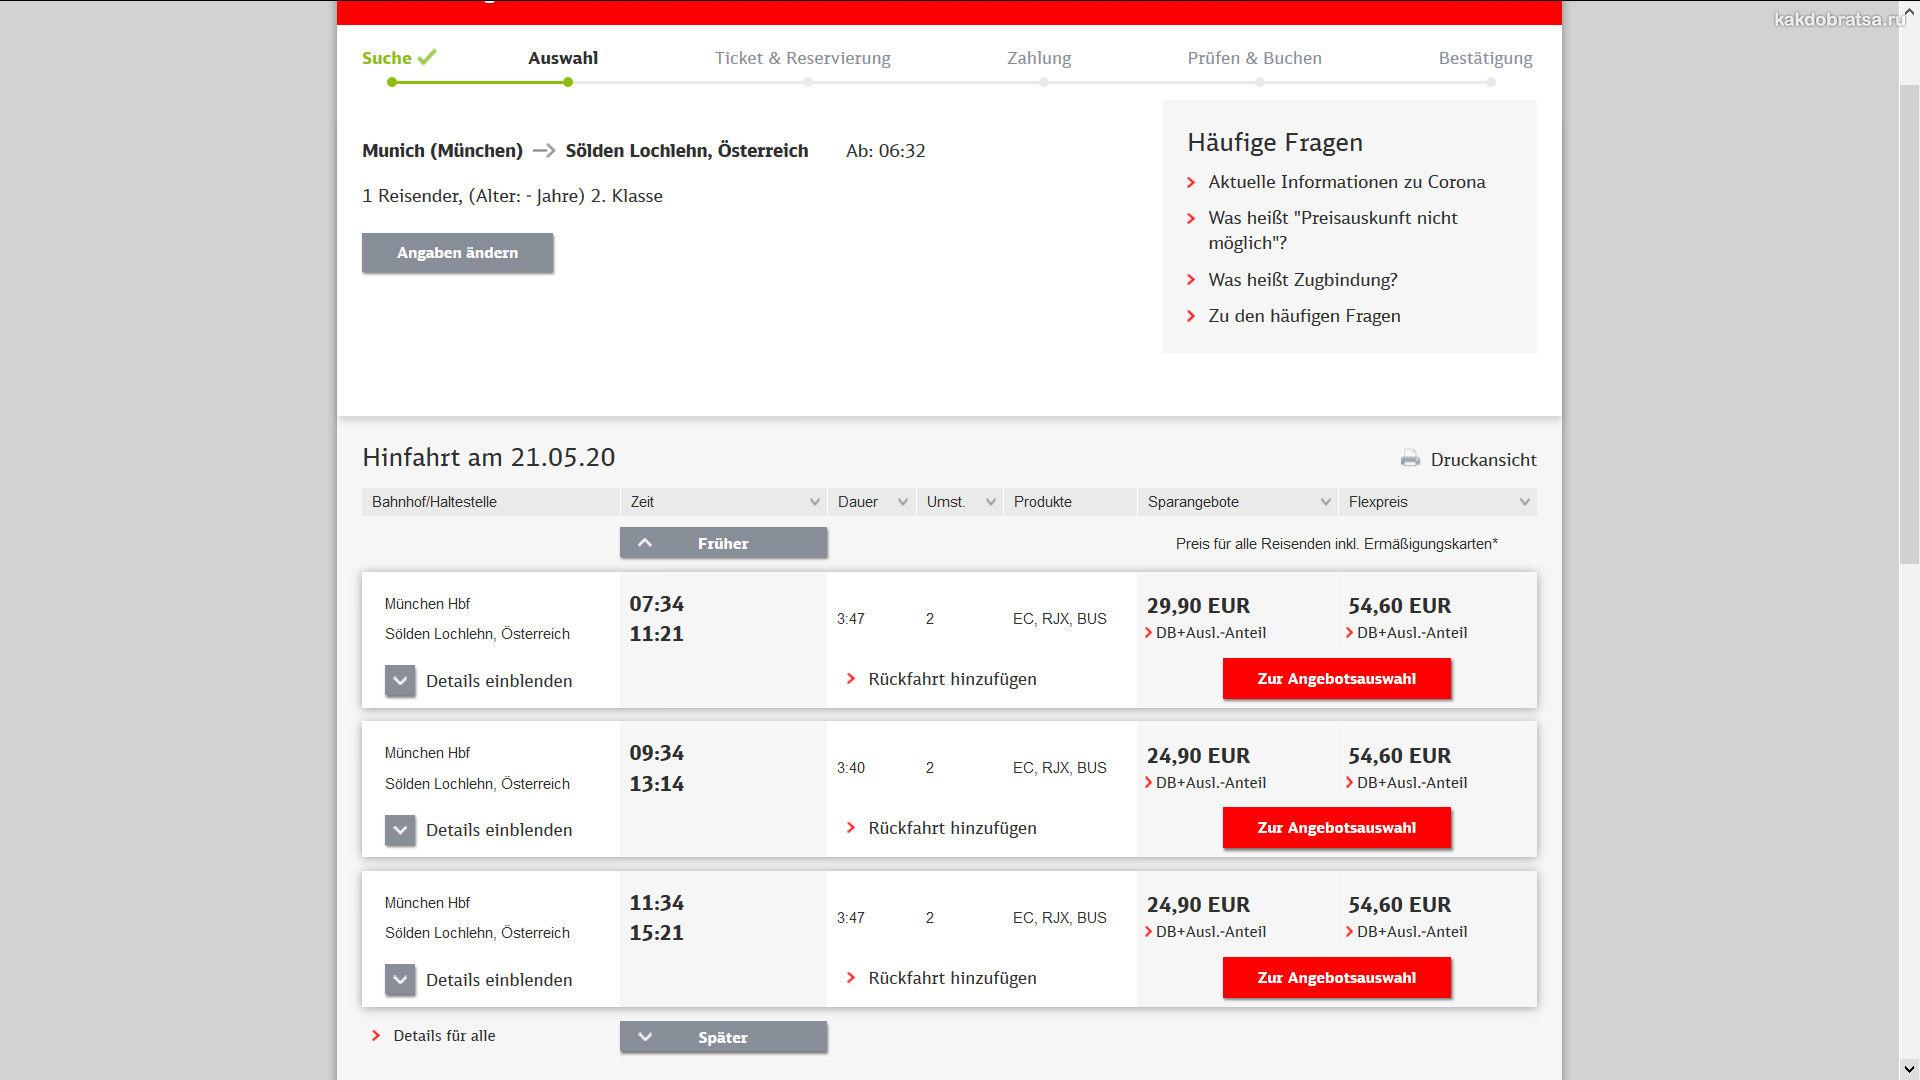 На поезде и автобусе из Мюнхена в Зельден стоимость билетов и расписание